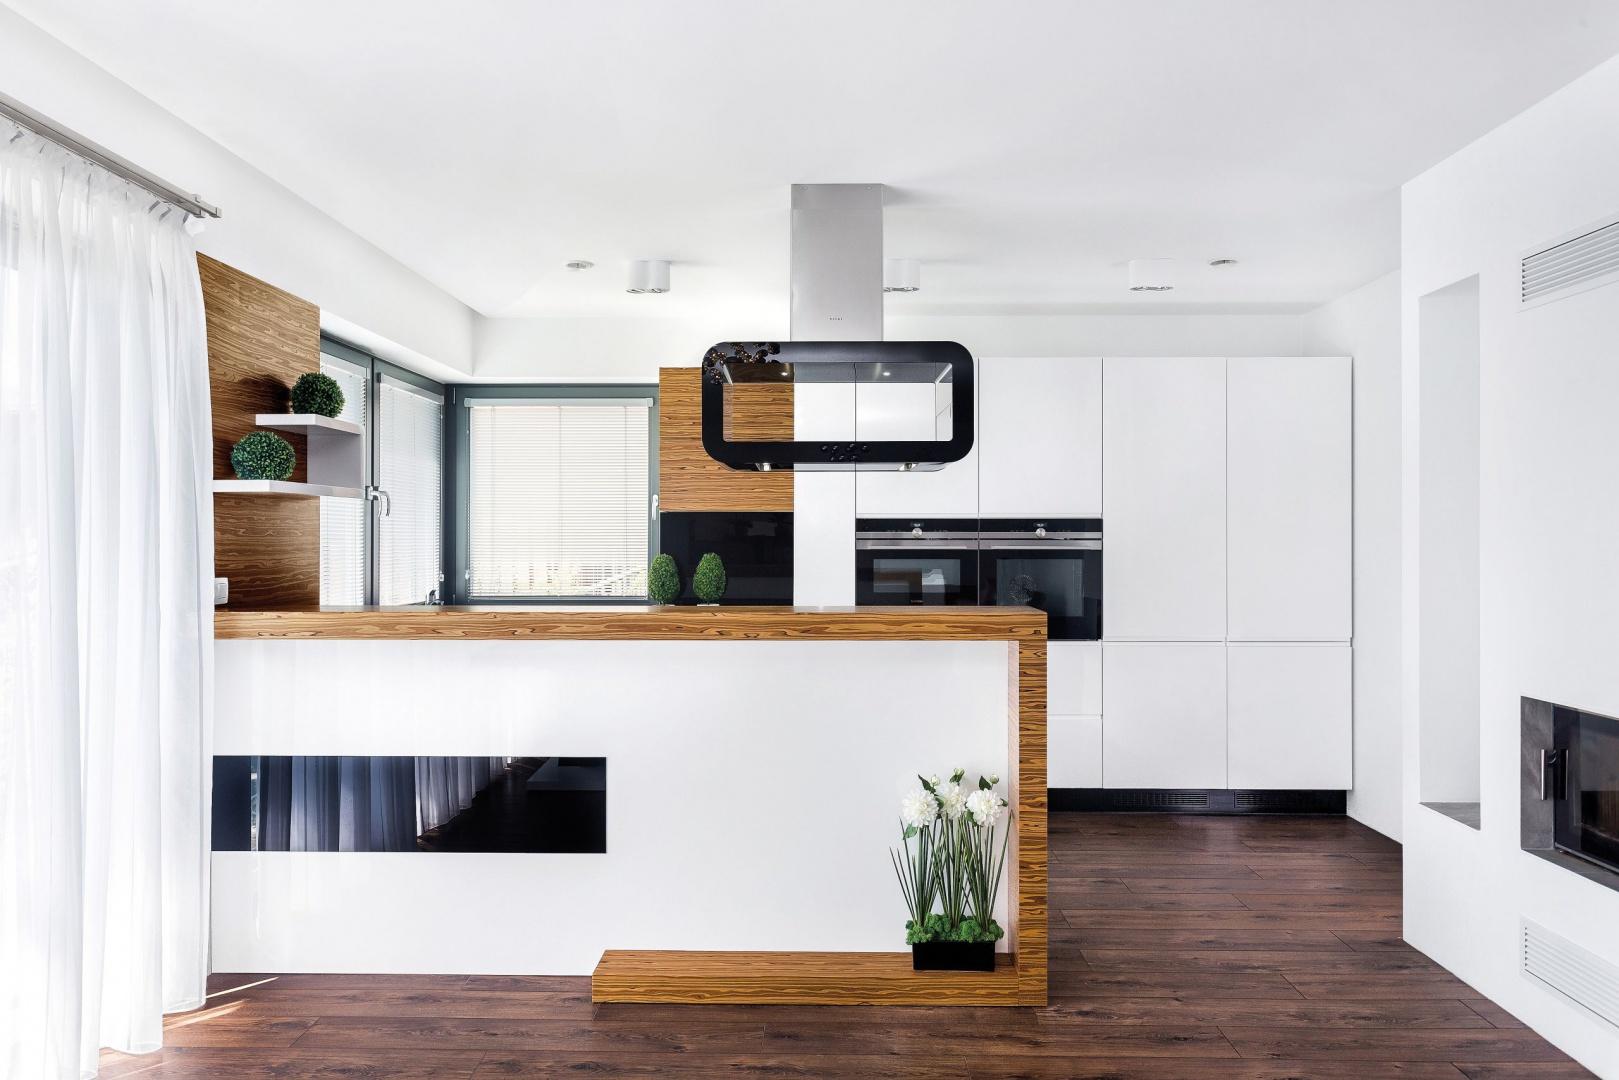 Piękna biała kuchnia – jaki blat wybrać? Fot. Studio Bossi Max Kuchnie